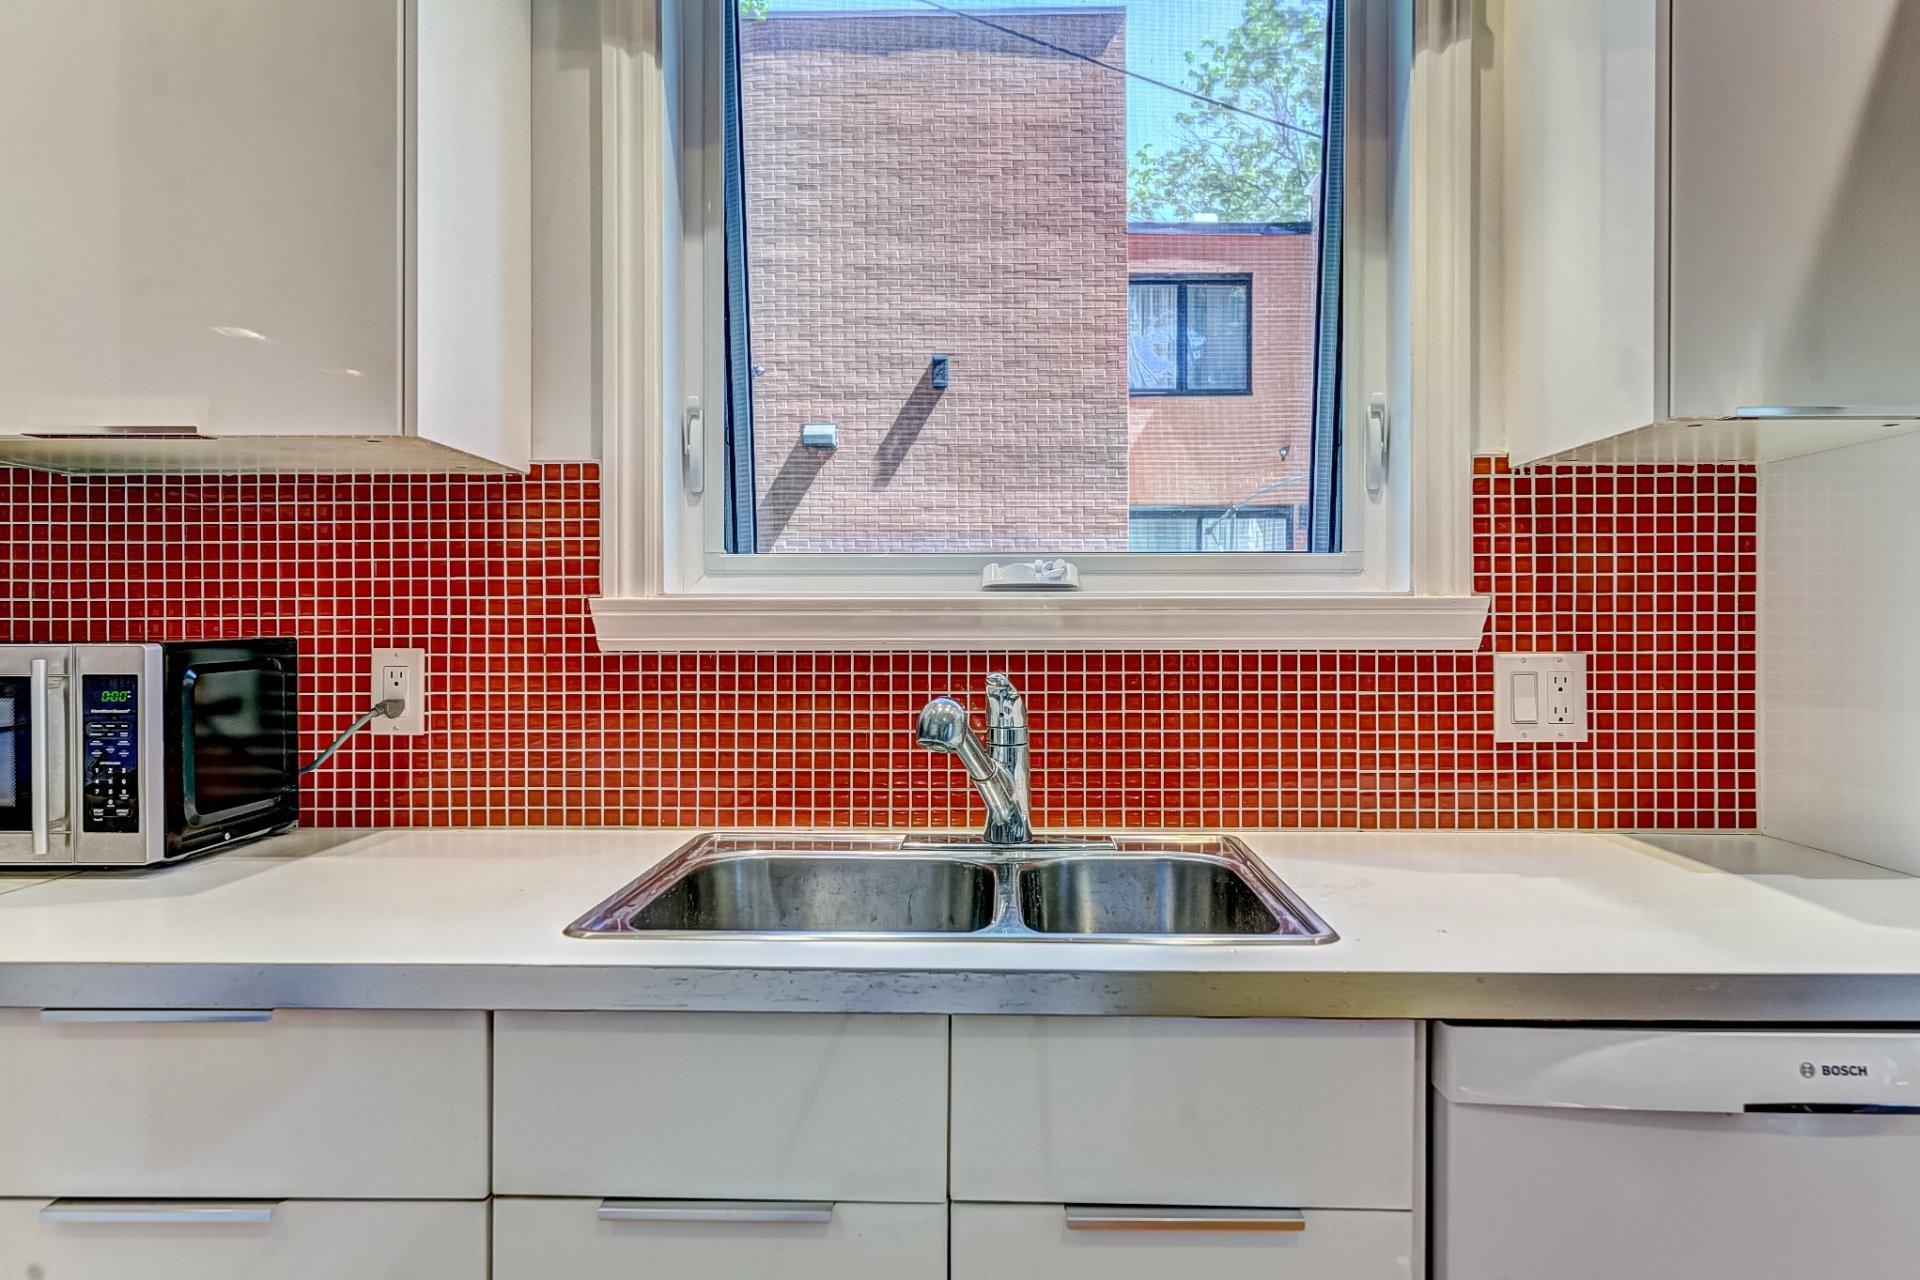 image 13 - House For sale Côte-des-Neiges/Notre-Dame-de-Grâce Montréal  - 7 rooms